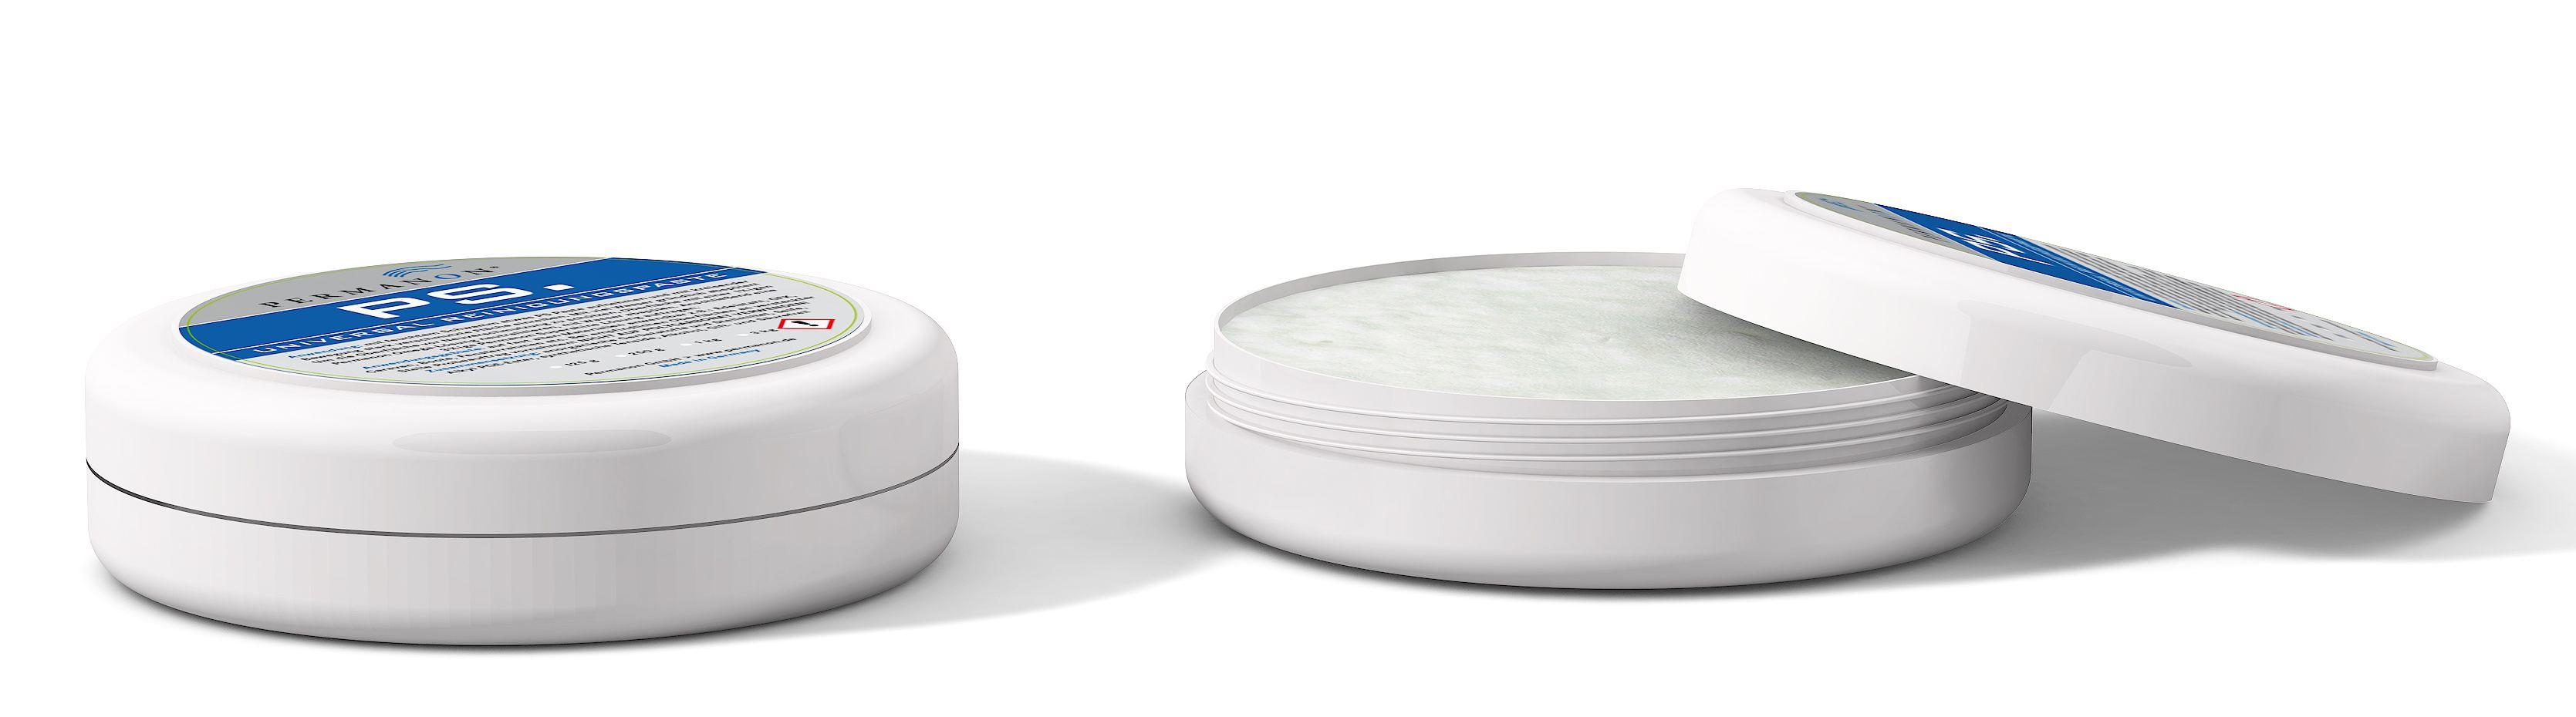 permanon ps paste spezialreiniger f r hartn ckige verschmutzungen. Black Bedroom Furniture Sets. Home Design Ideas